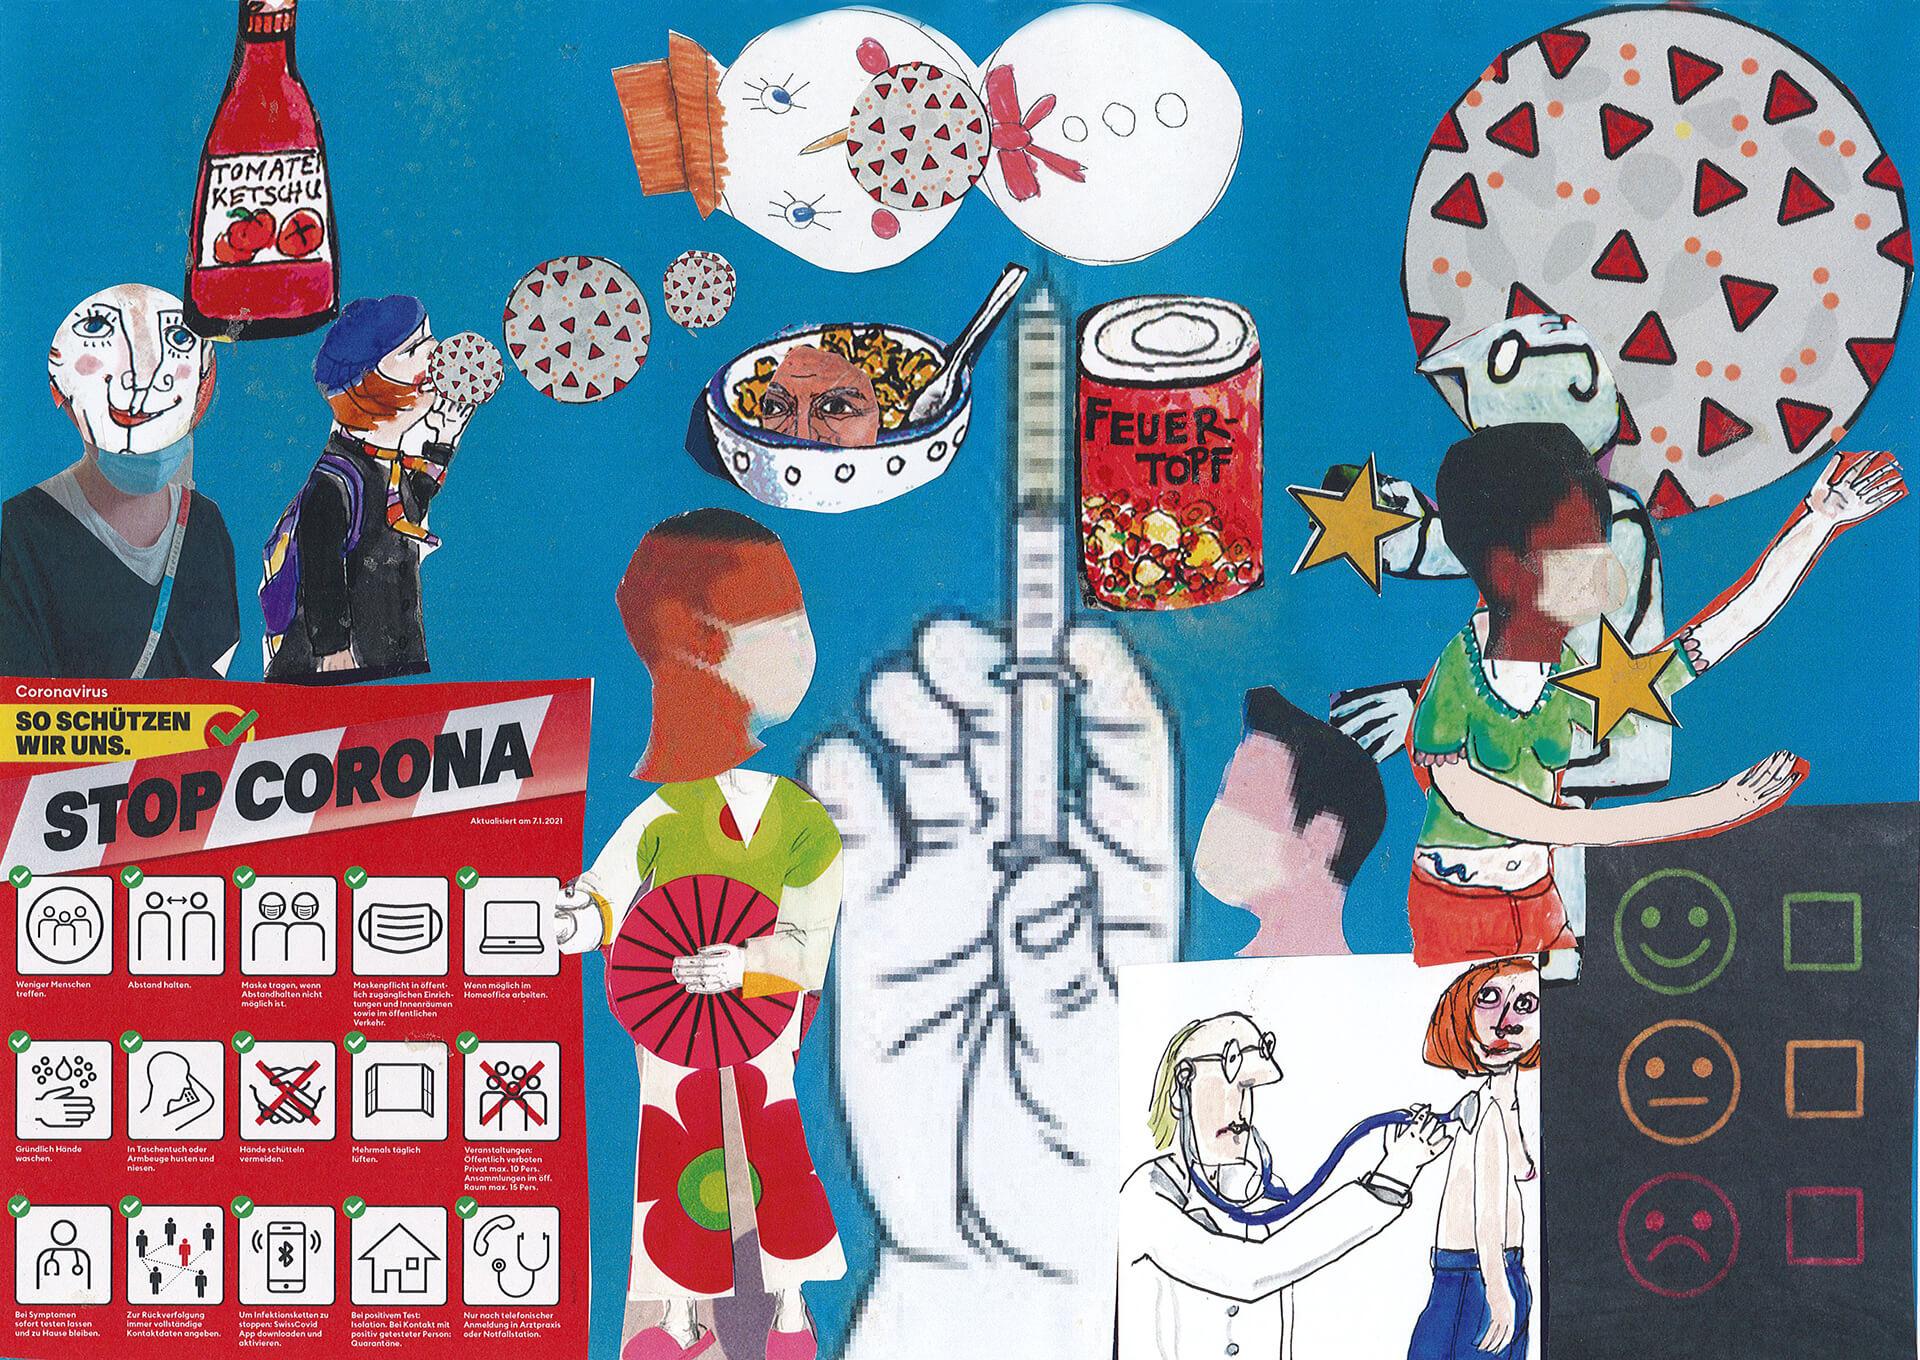 Collage mit Corona-Plakat, Spritze und anderen Motiven aus dem Corona-Jahr.